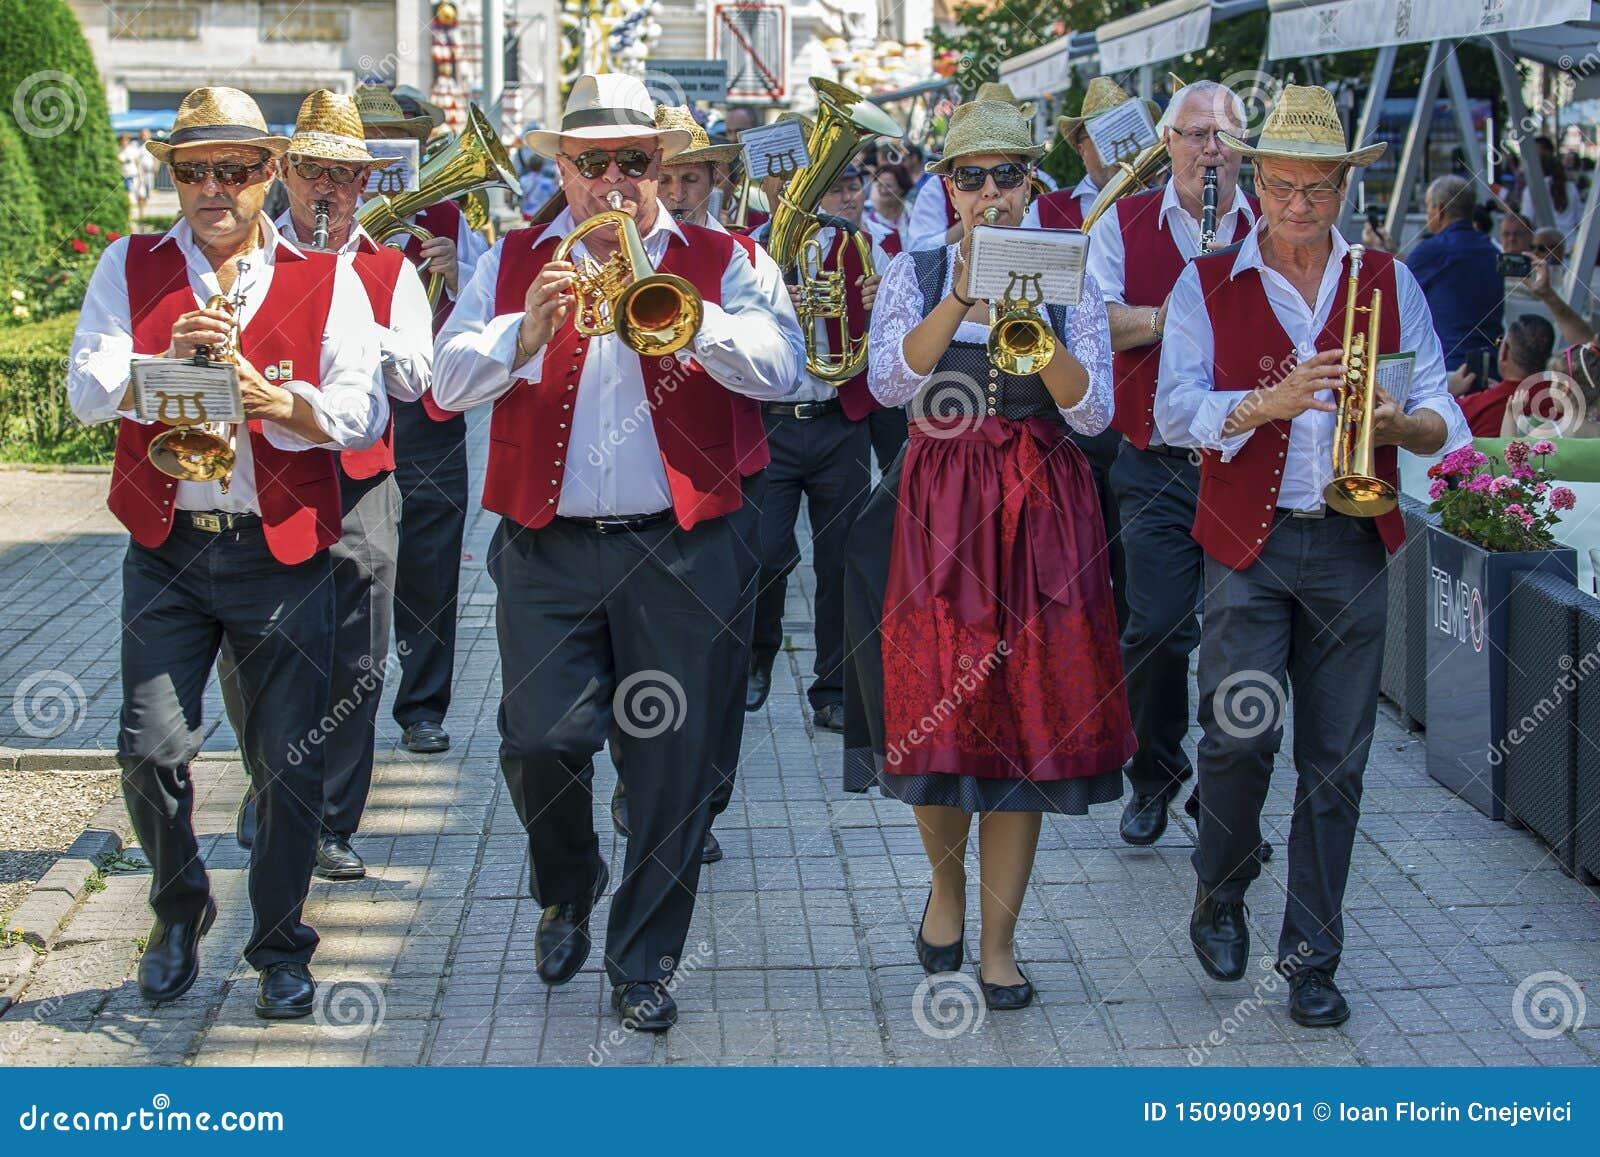 Cantores da fanfarra, alemães étnicos, jogando em instrumentos musicais